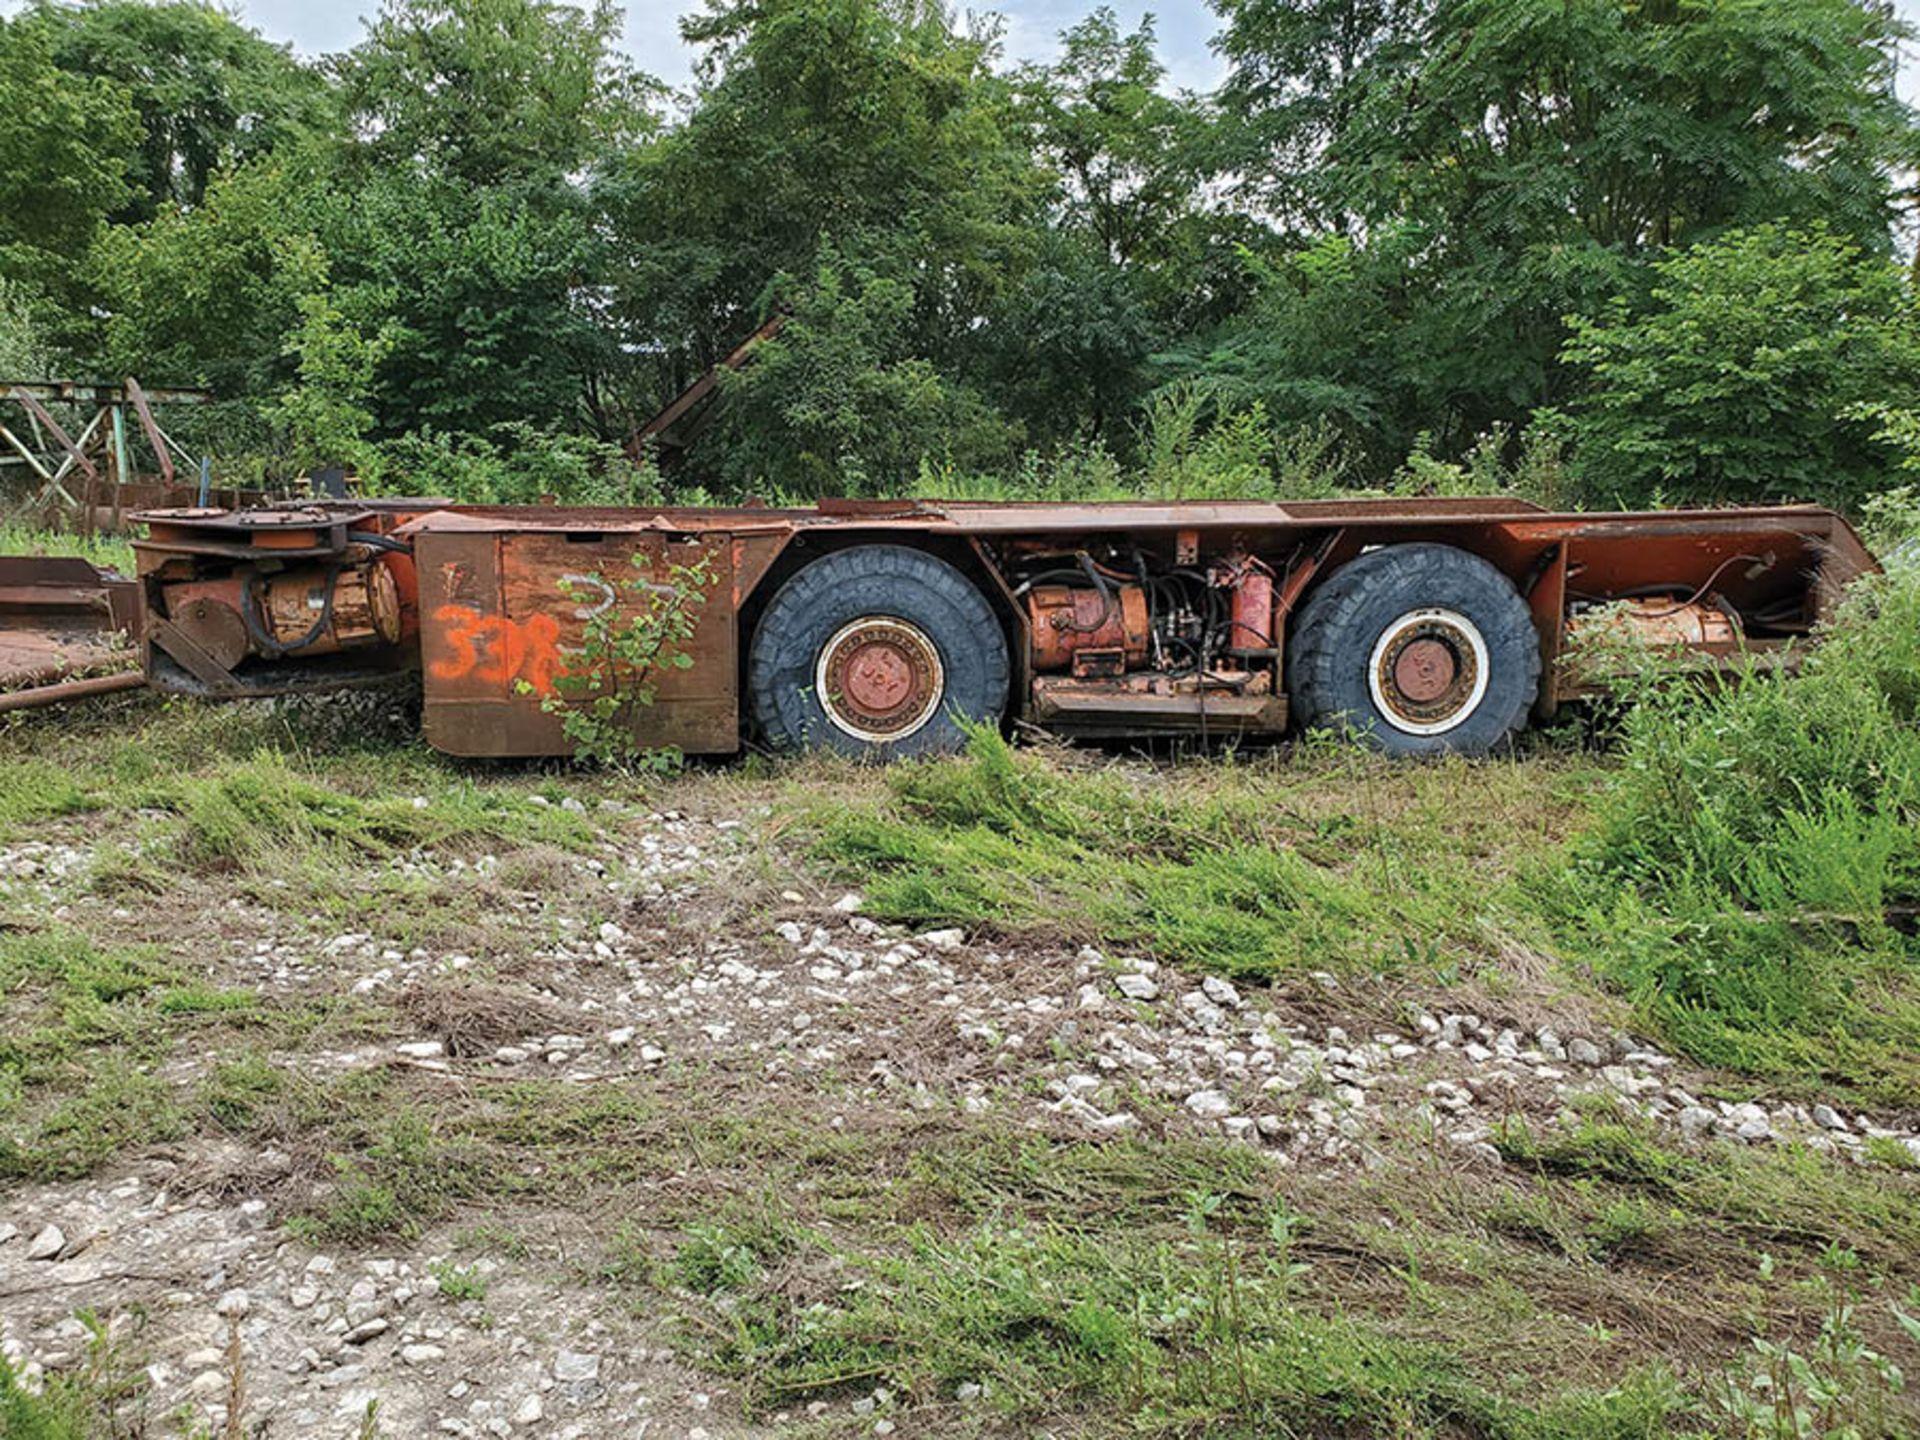 Lot 338 - JOY 10SC SHUTTLE CAR, S/N ET15868, LOCATION: CZAR SHOP